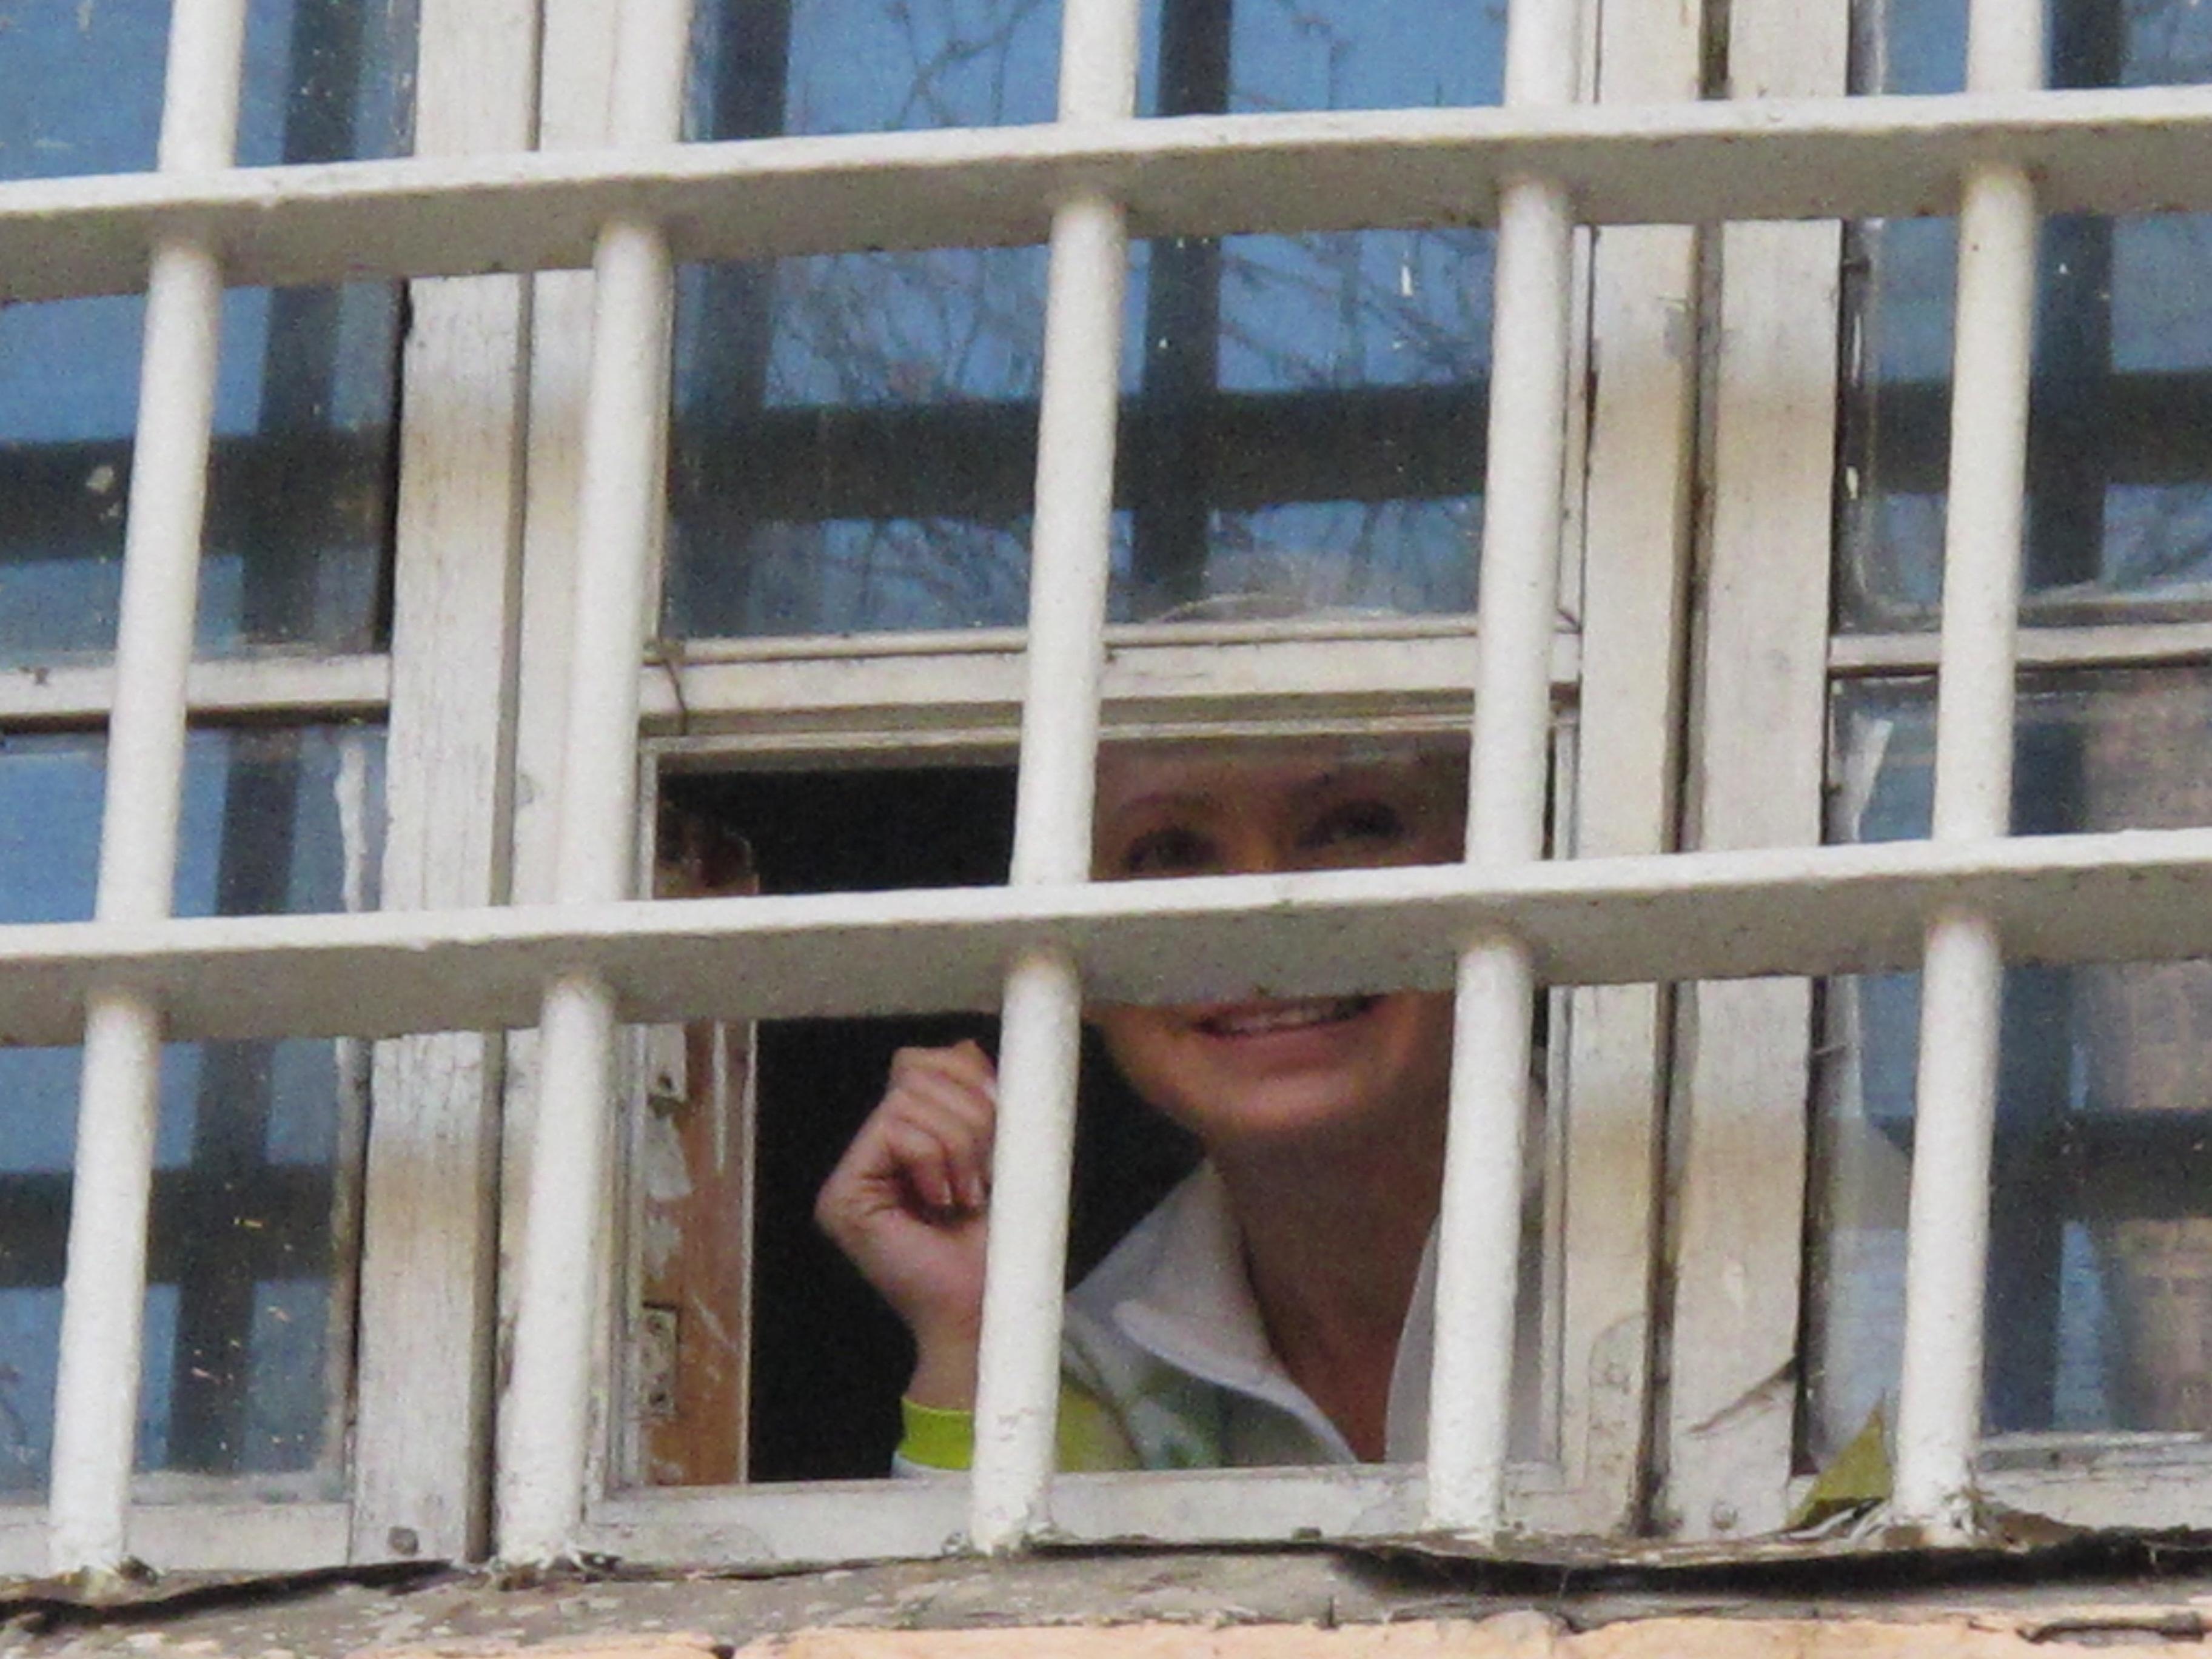 Европейский суд обязал украинскую власть лечить Юлию Тимошенко в стационаре